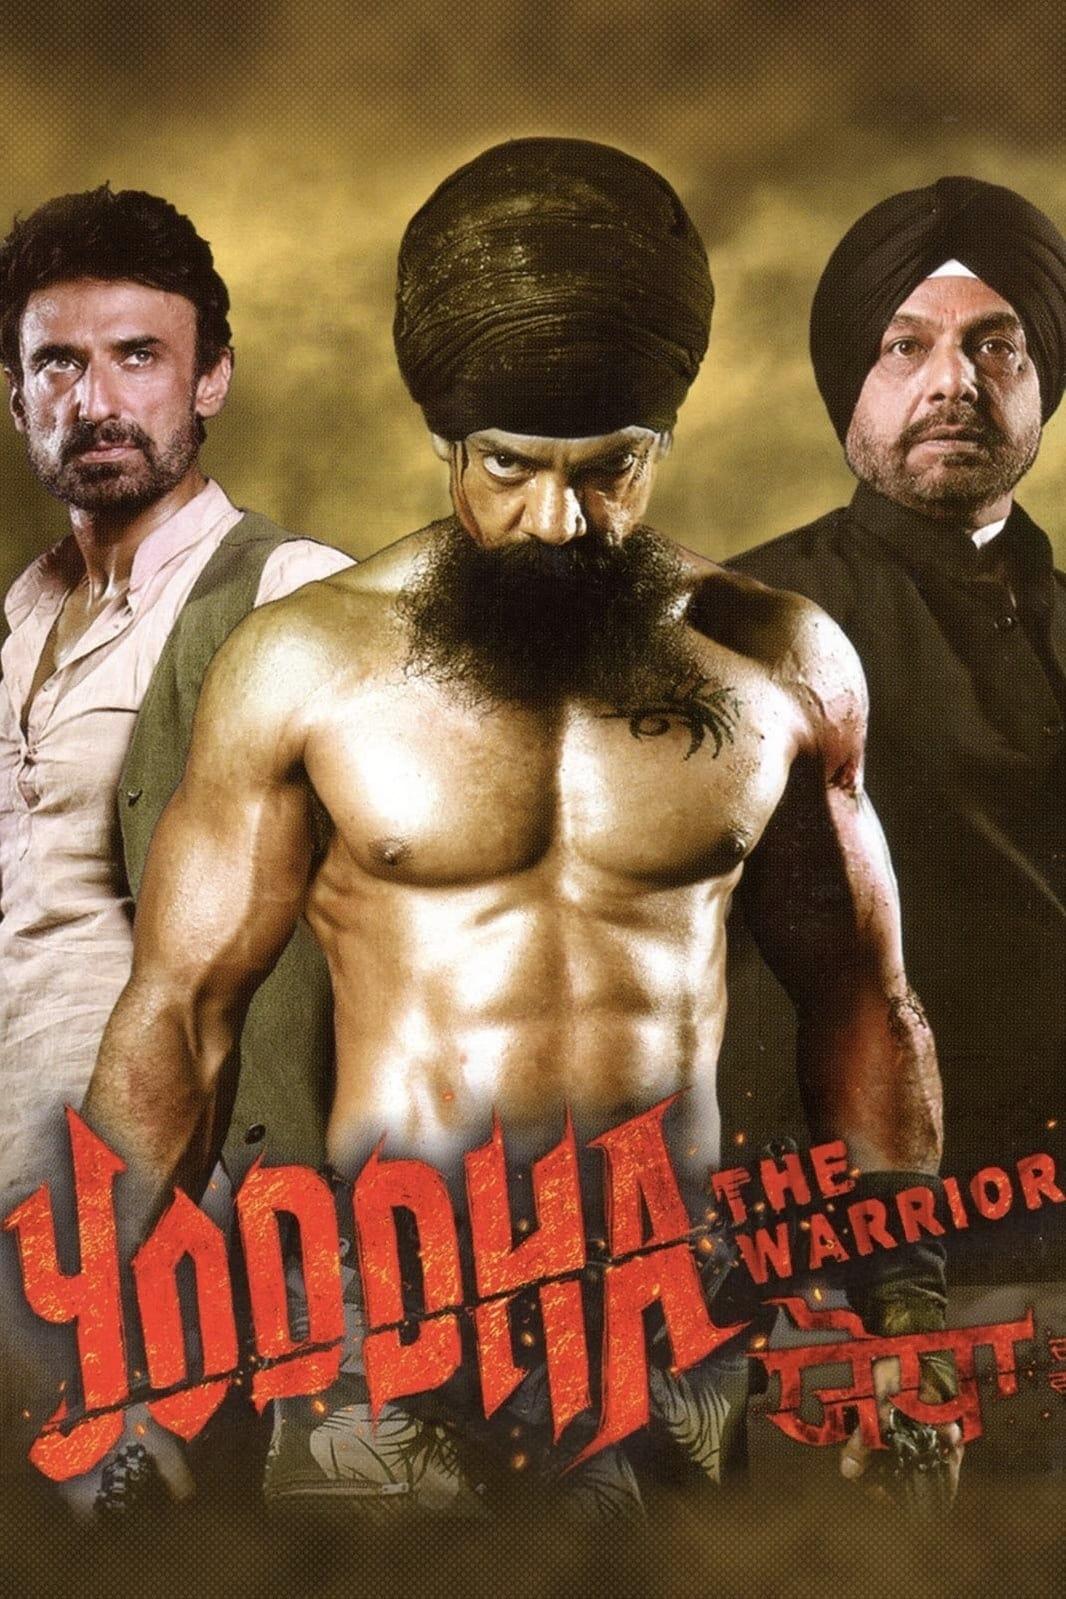 Yoddha: The Warrior